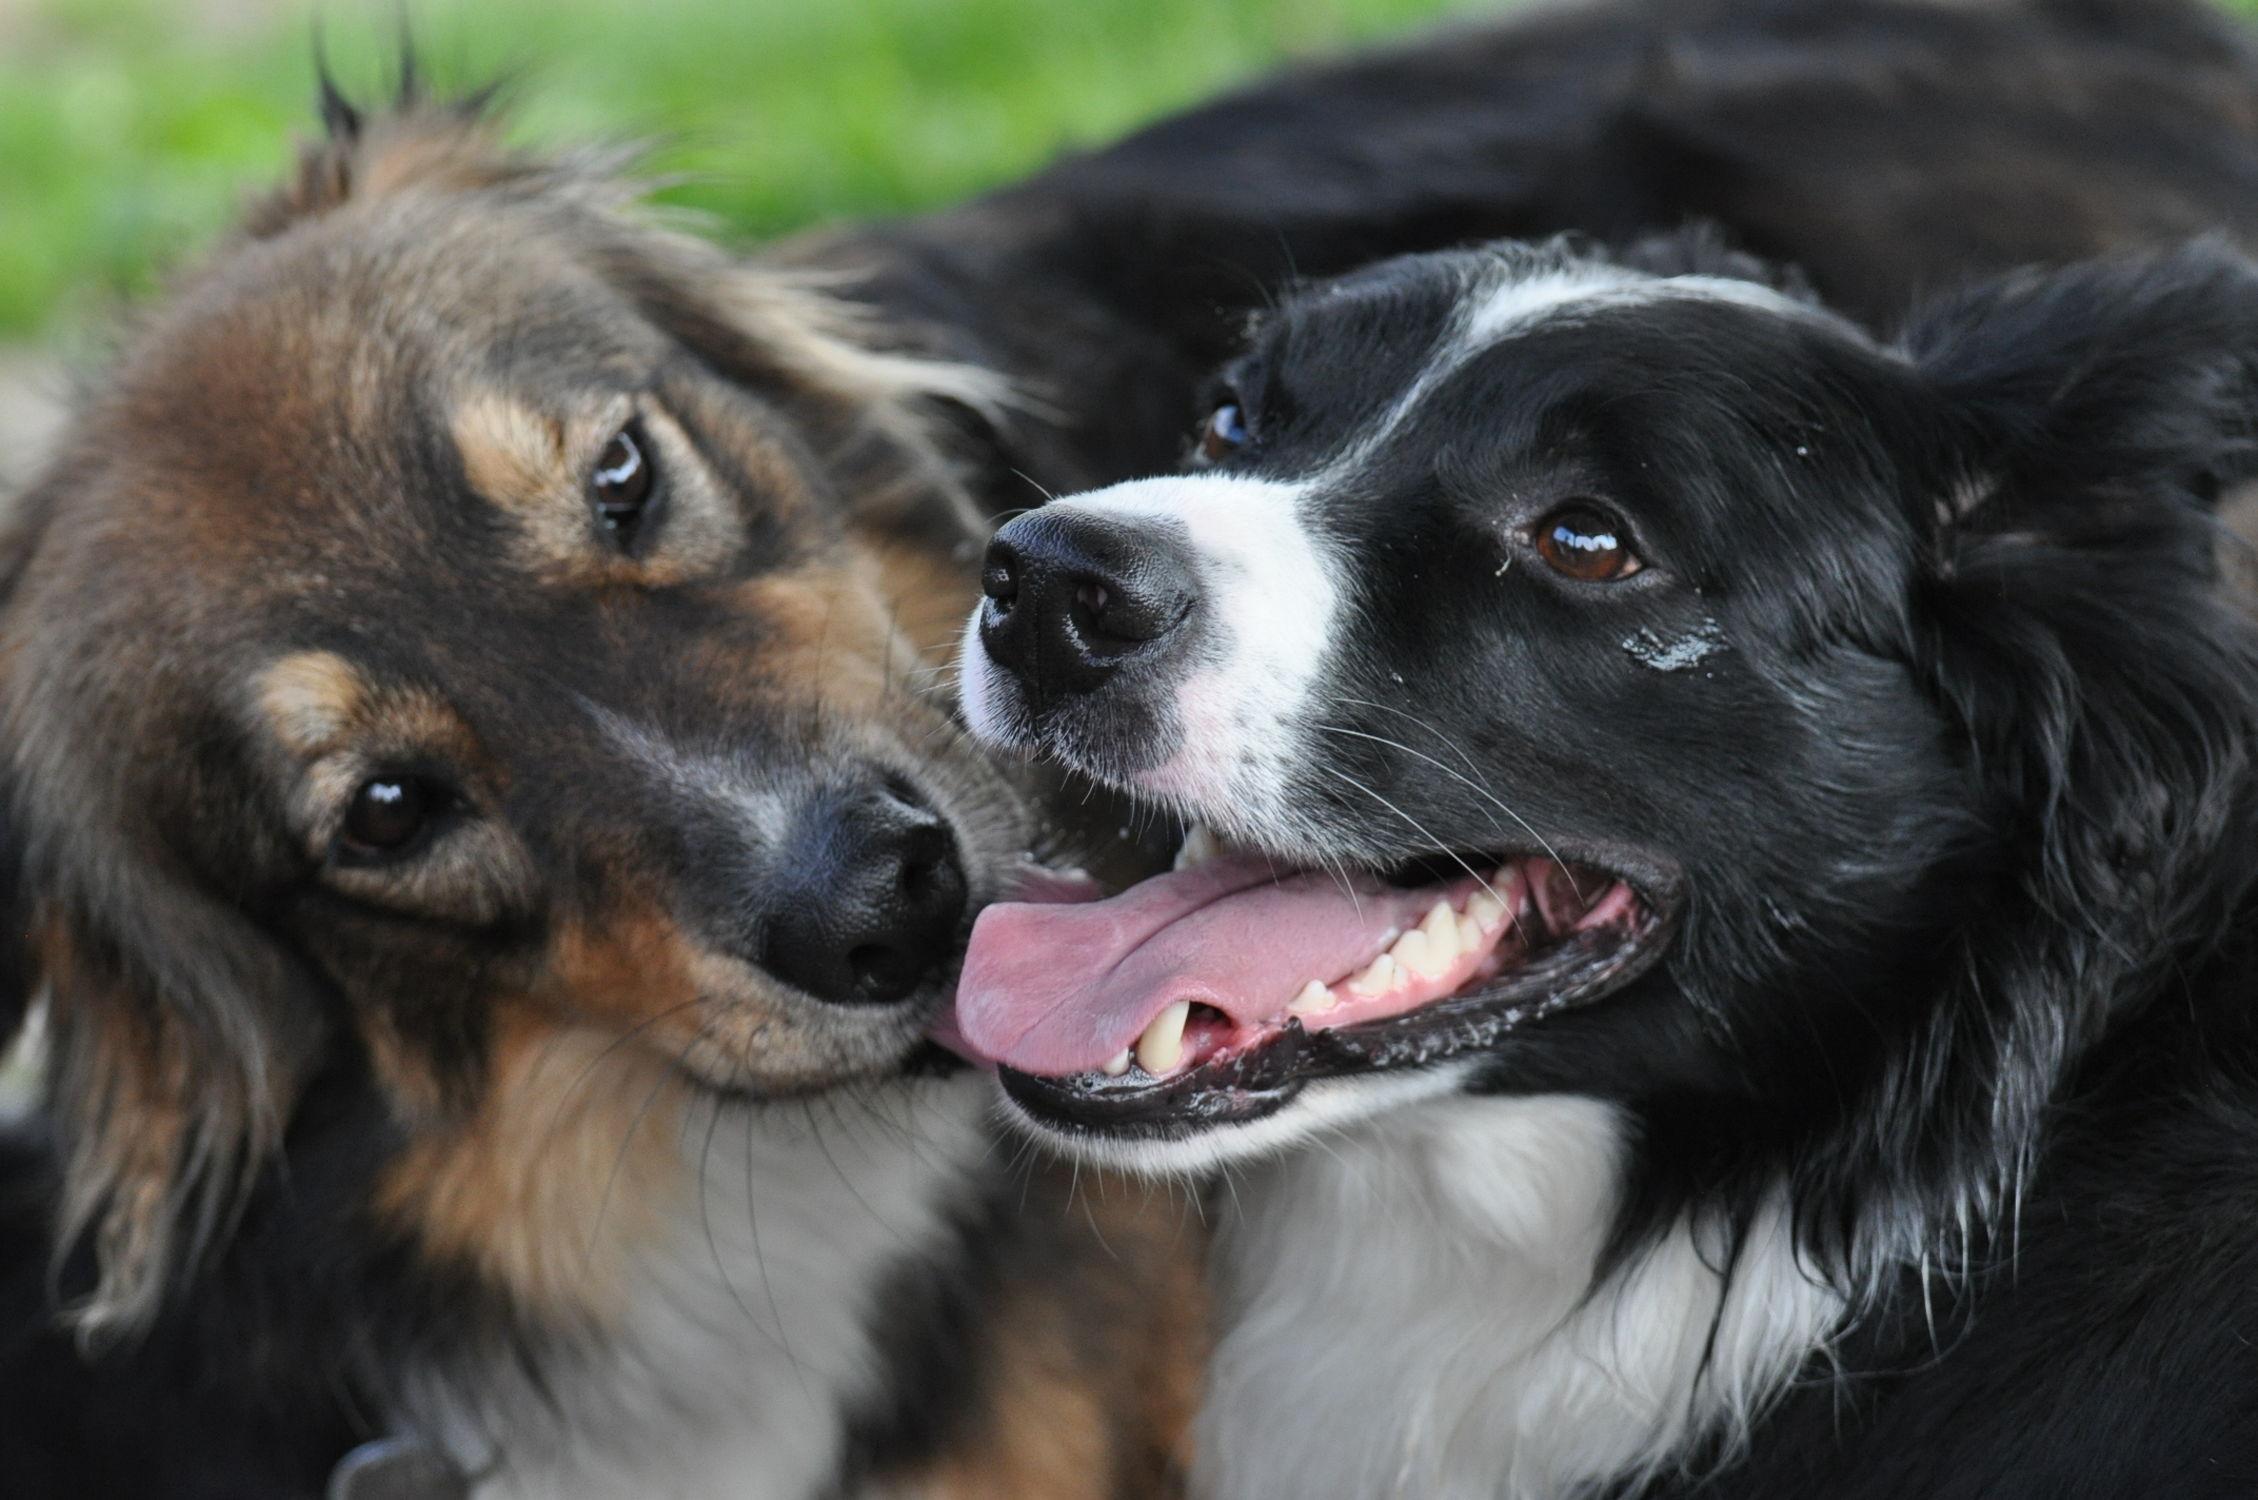 Bild mit Tiere, Hunde, Tier, Hund, Dog, Hundebild, Tierwelt, australian shepherd, Border Collie